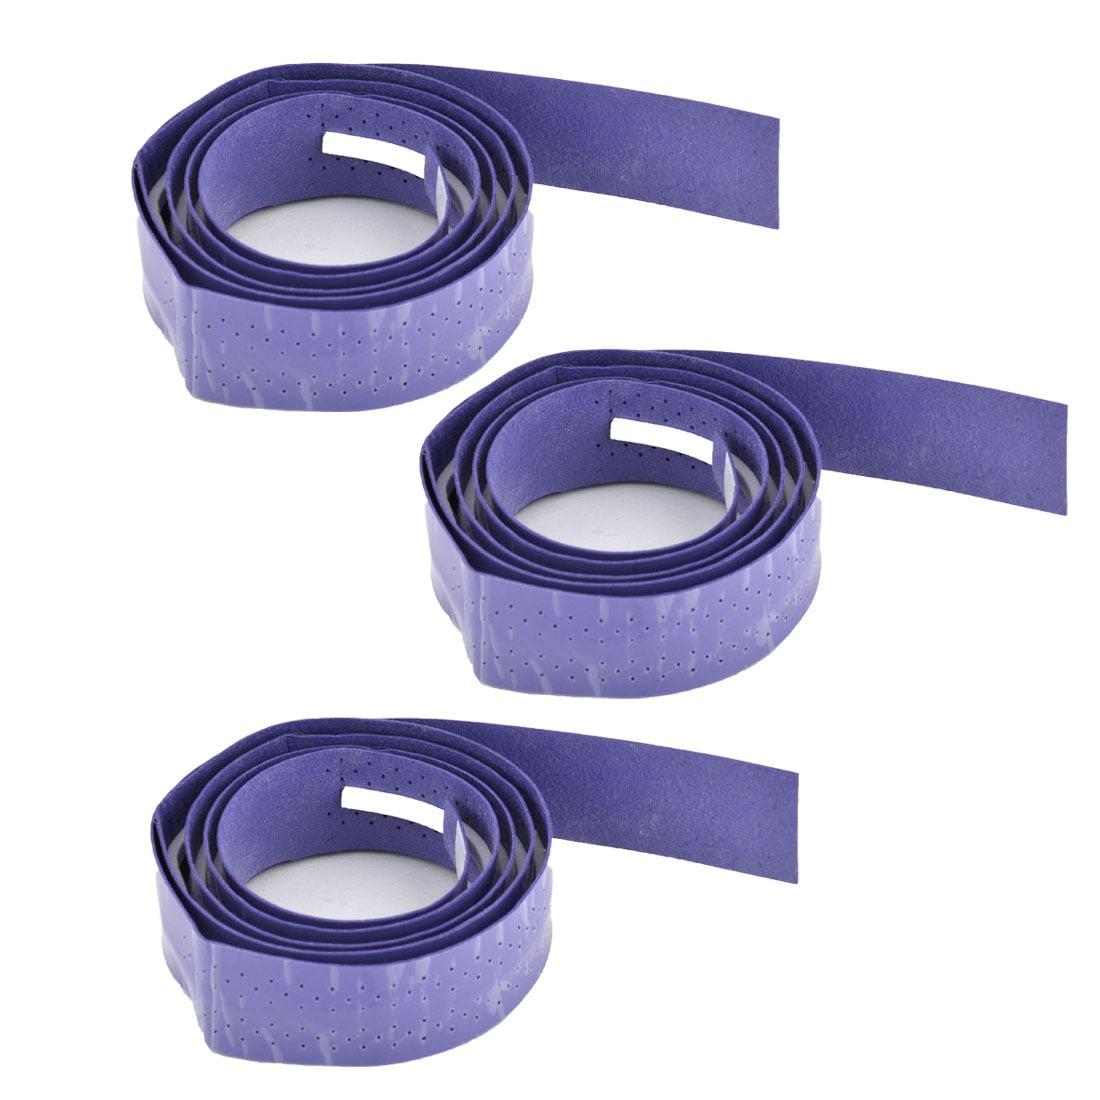 Badminton Foam Nonslip Racket Sweat Absorbing Wrap Over Grip Tape Purple 3 Pcs